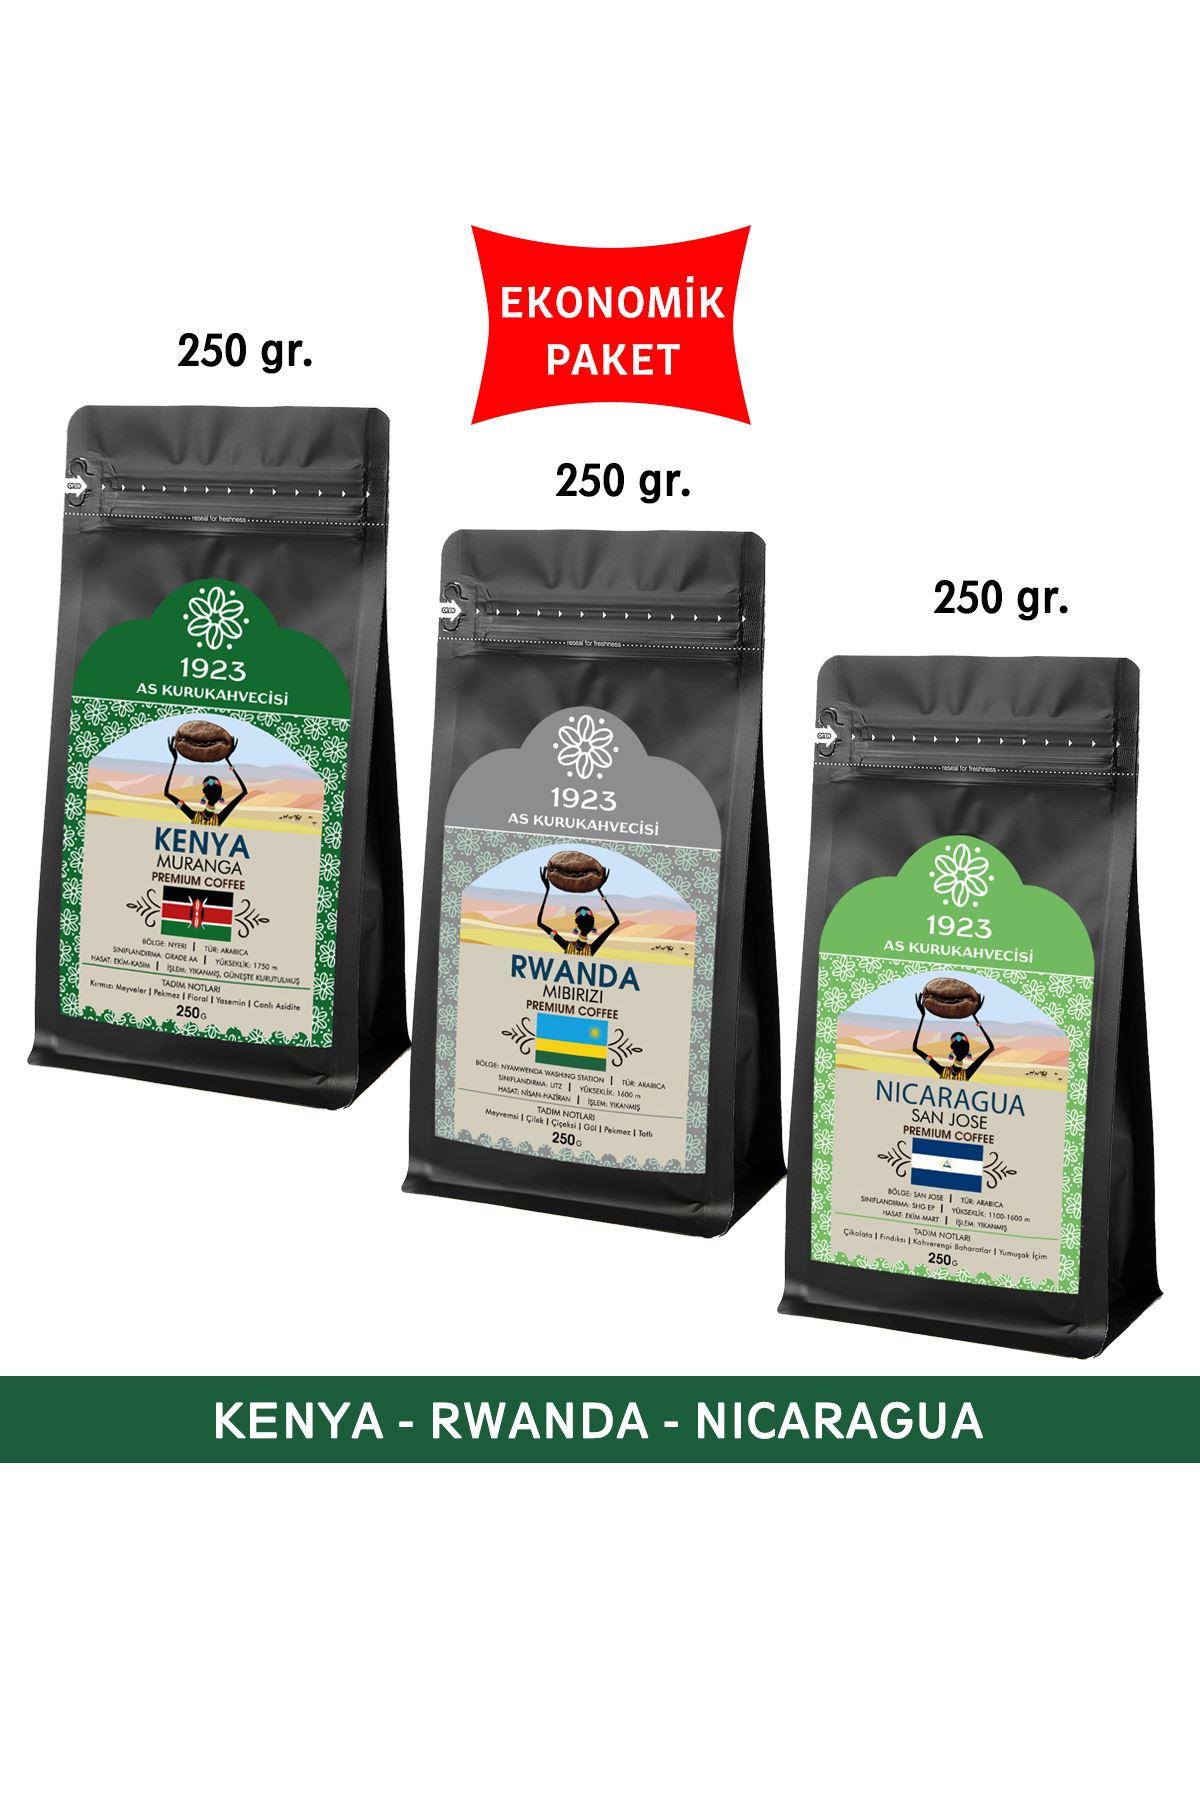 1923 Filtre Kahve Seti 250 gr. (Kenya, Rwanda, Nicaragua)